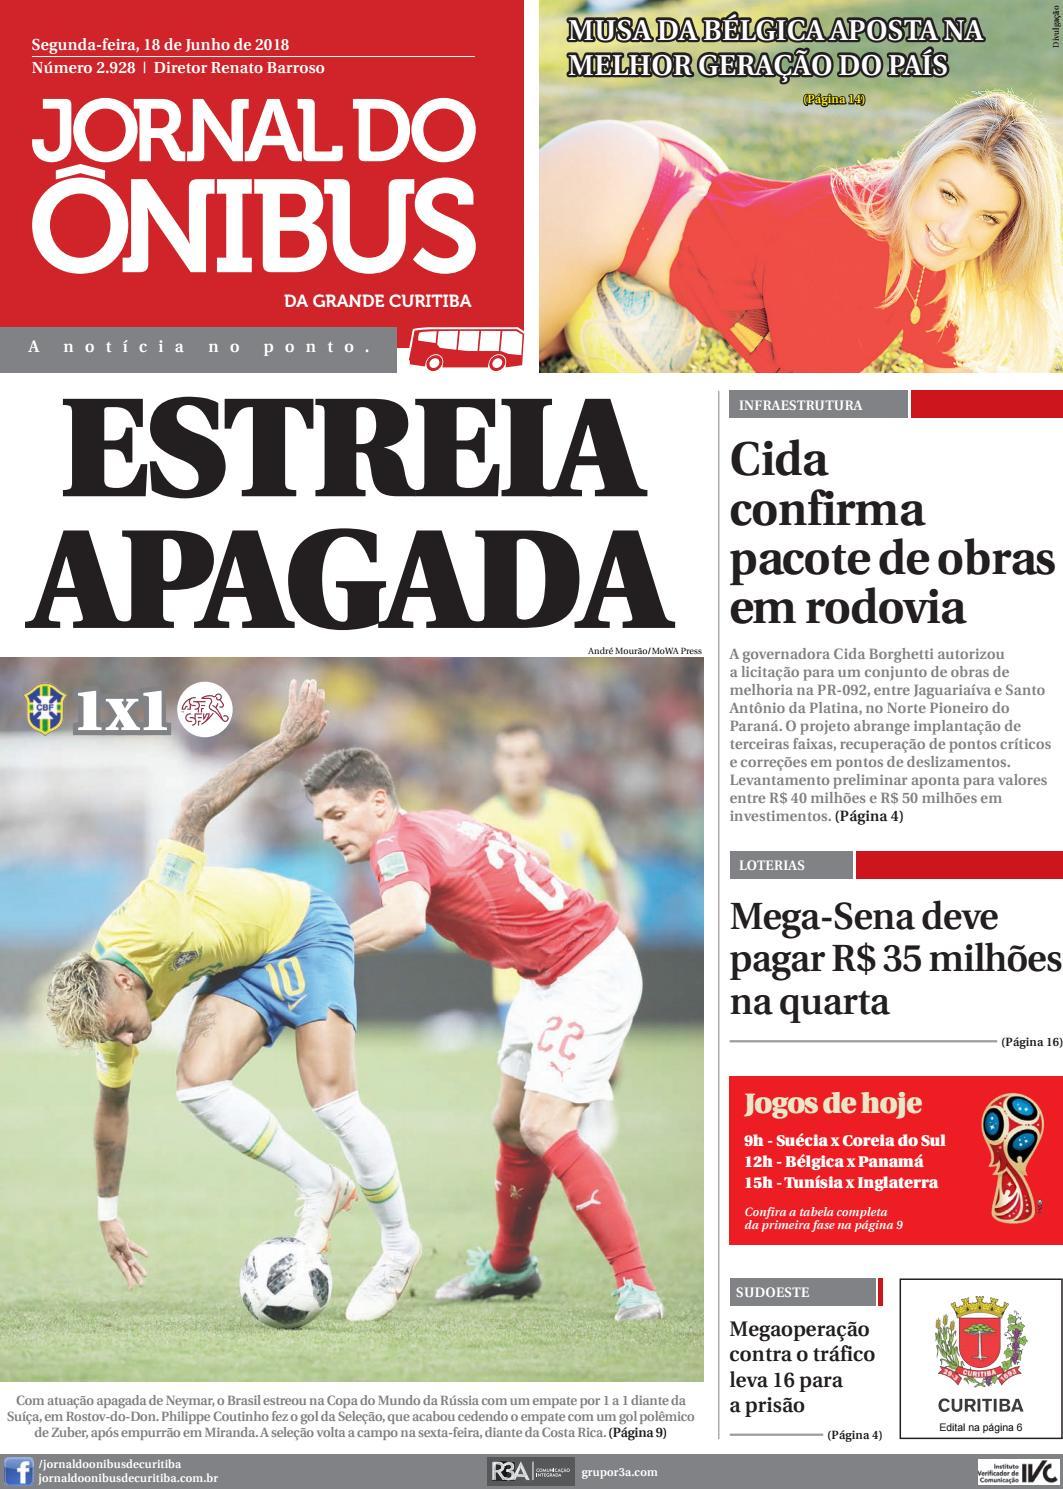 Jornal do Ônibus de Curitiba - 18 06 18 by Editora Correio Paranaense -  issuu b6d22f0000